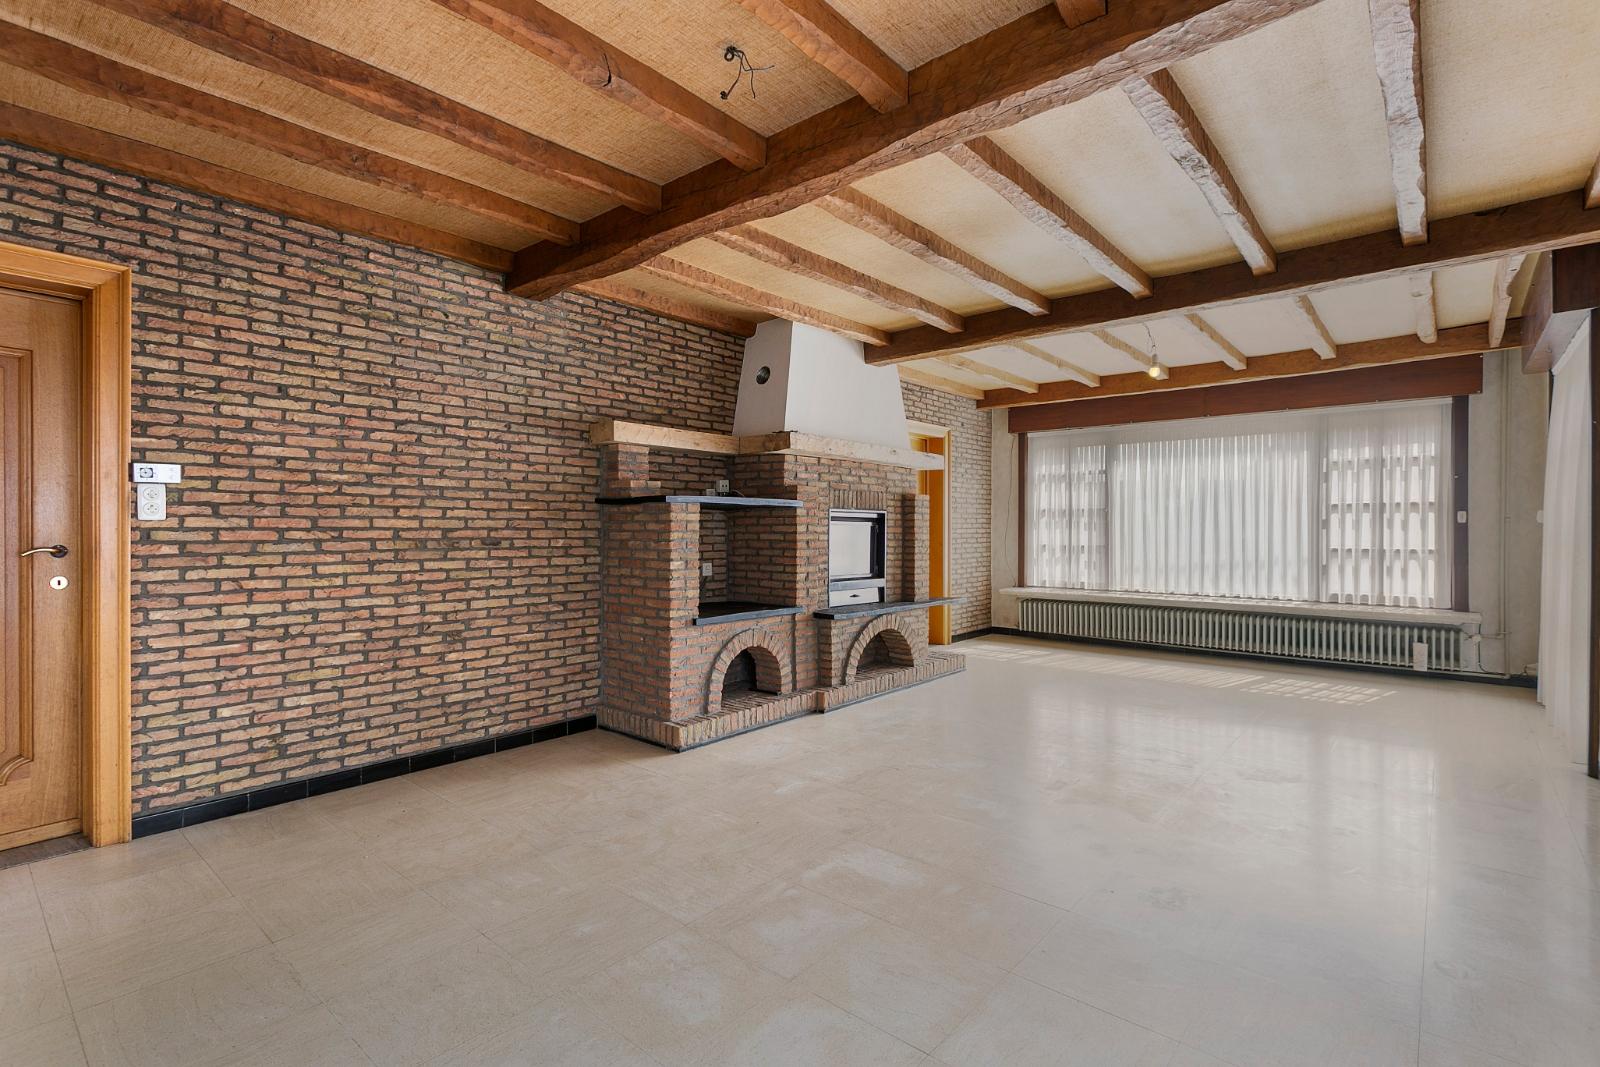 Vrijstaande, gelijkvloerse woning met garage en 3 slaapkamers te Koekelare - 5